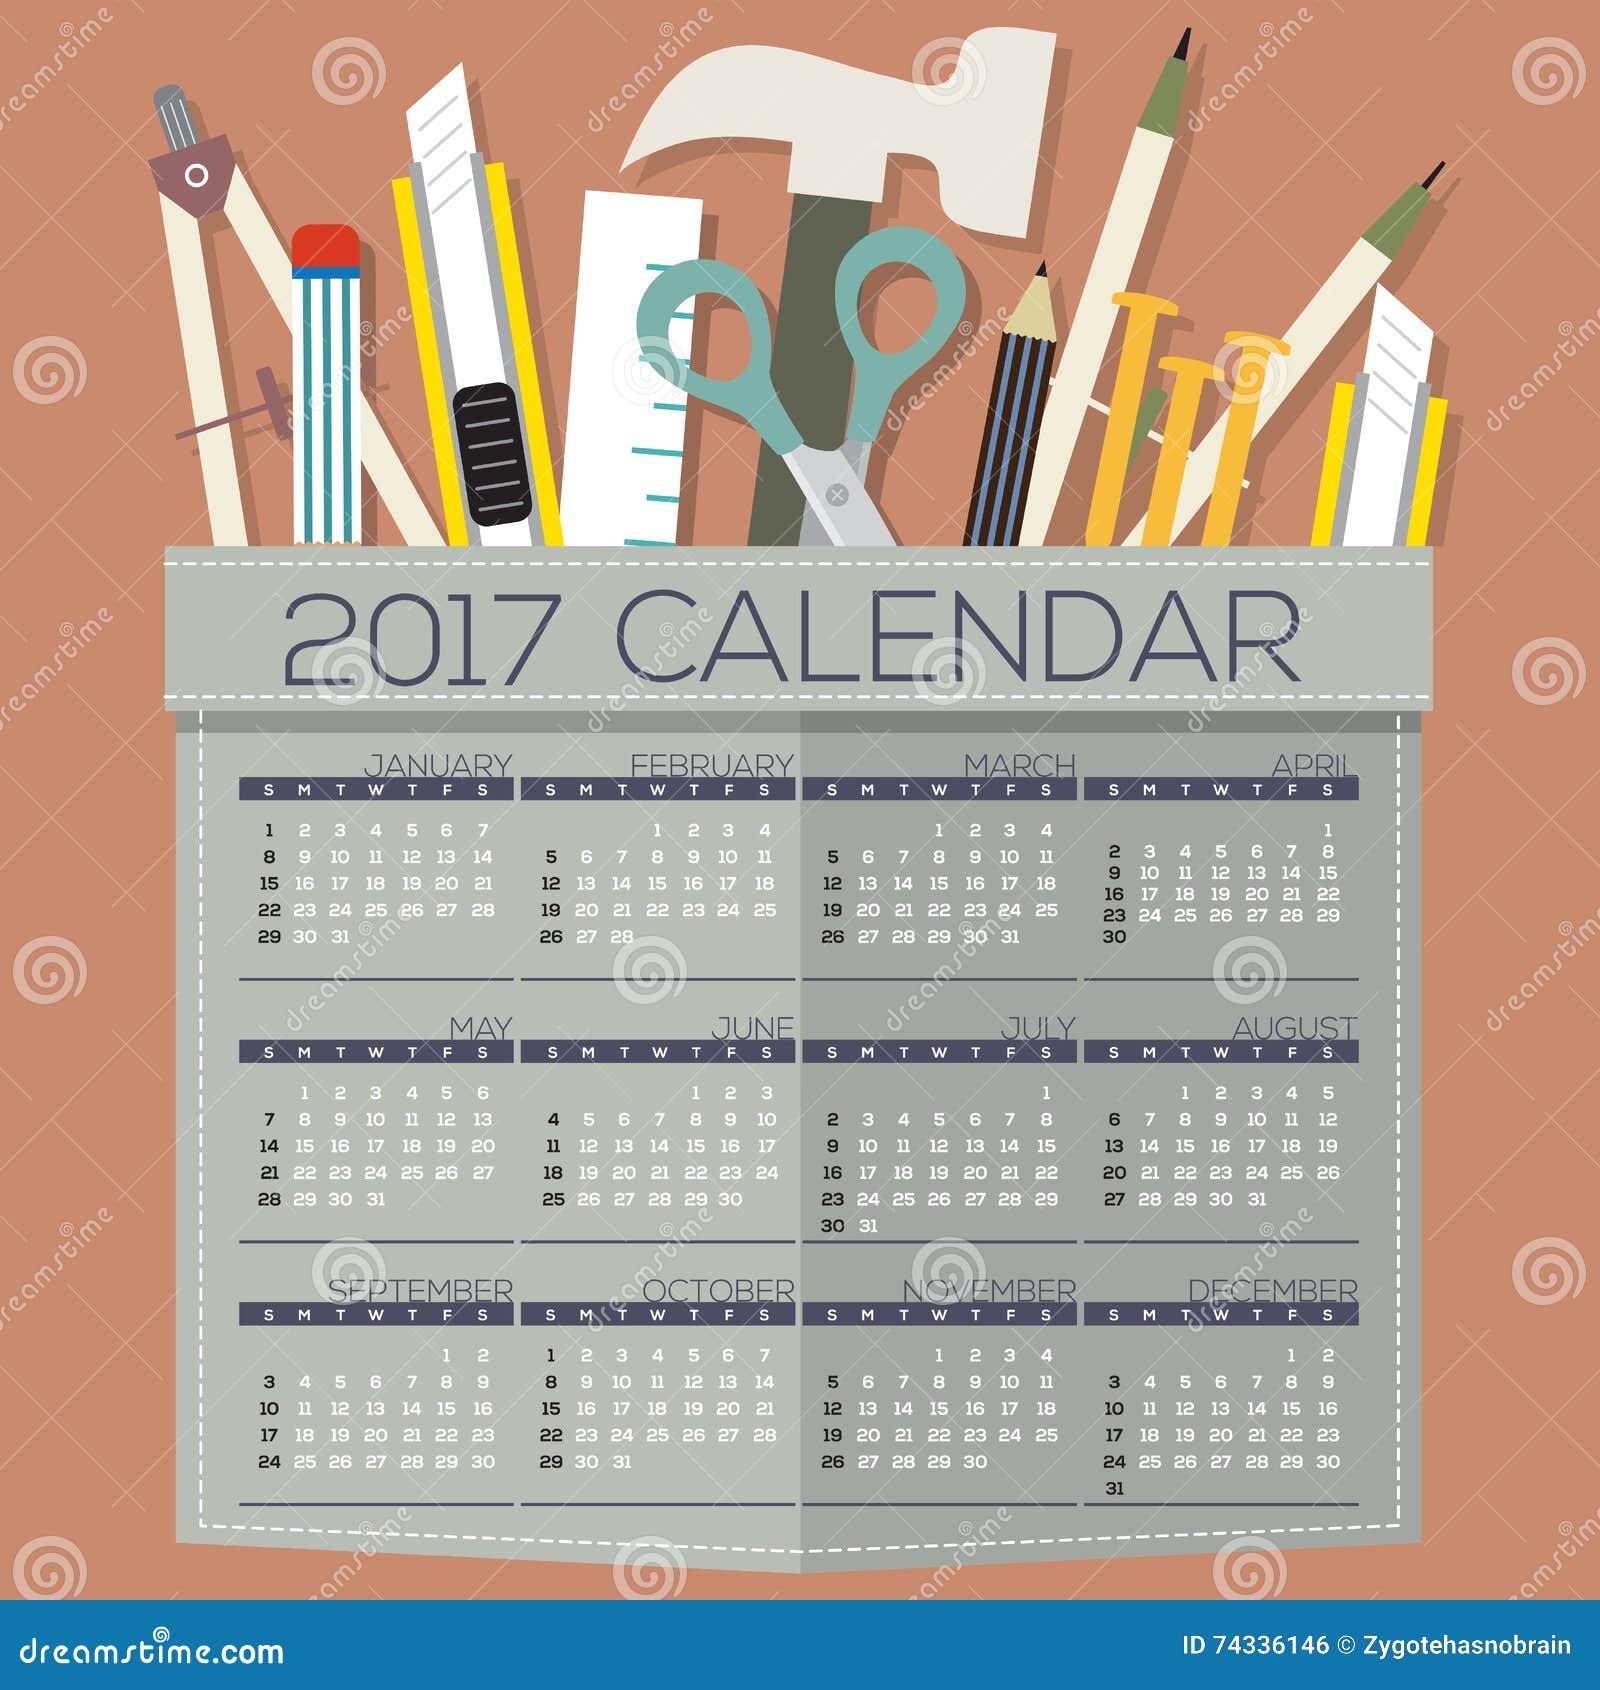 Diy Editorial Calendar : Printable calendar months starts sunday diy of